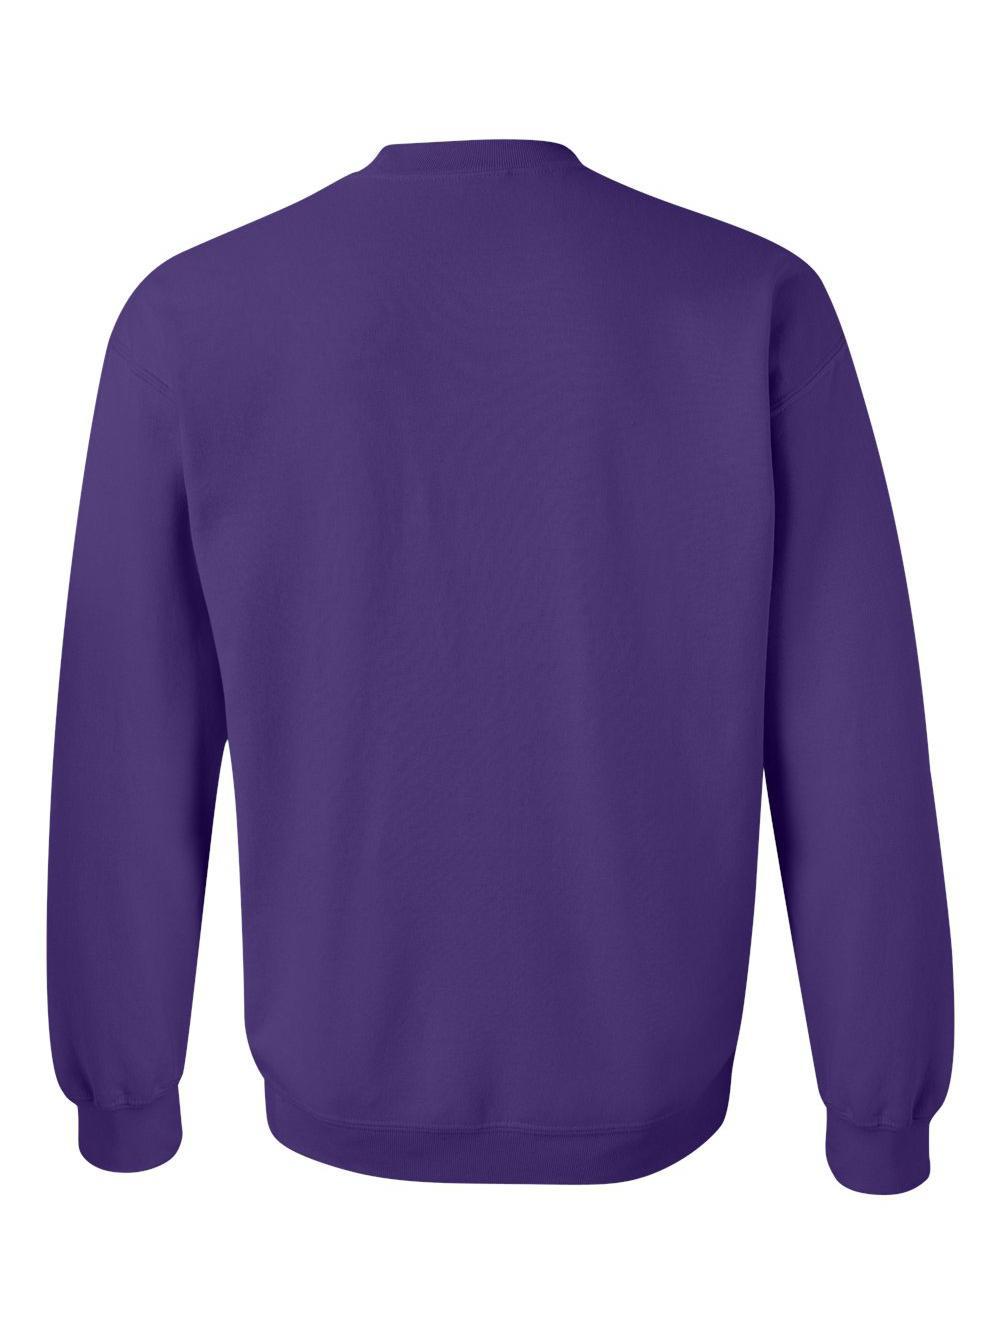 Gildan-Heavy-Blend-Crewneck-Sweatshirt-18000 thumbnail 84